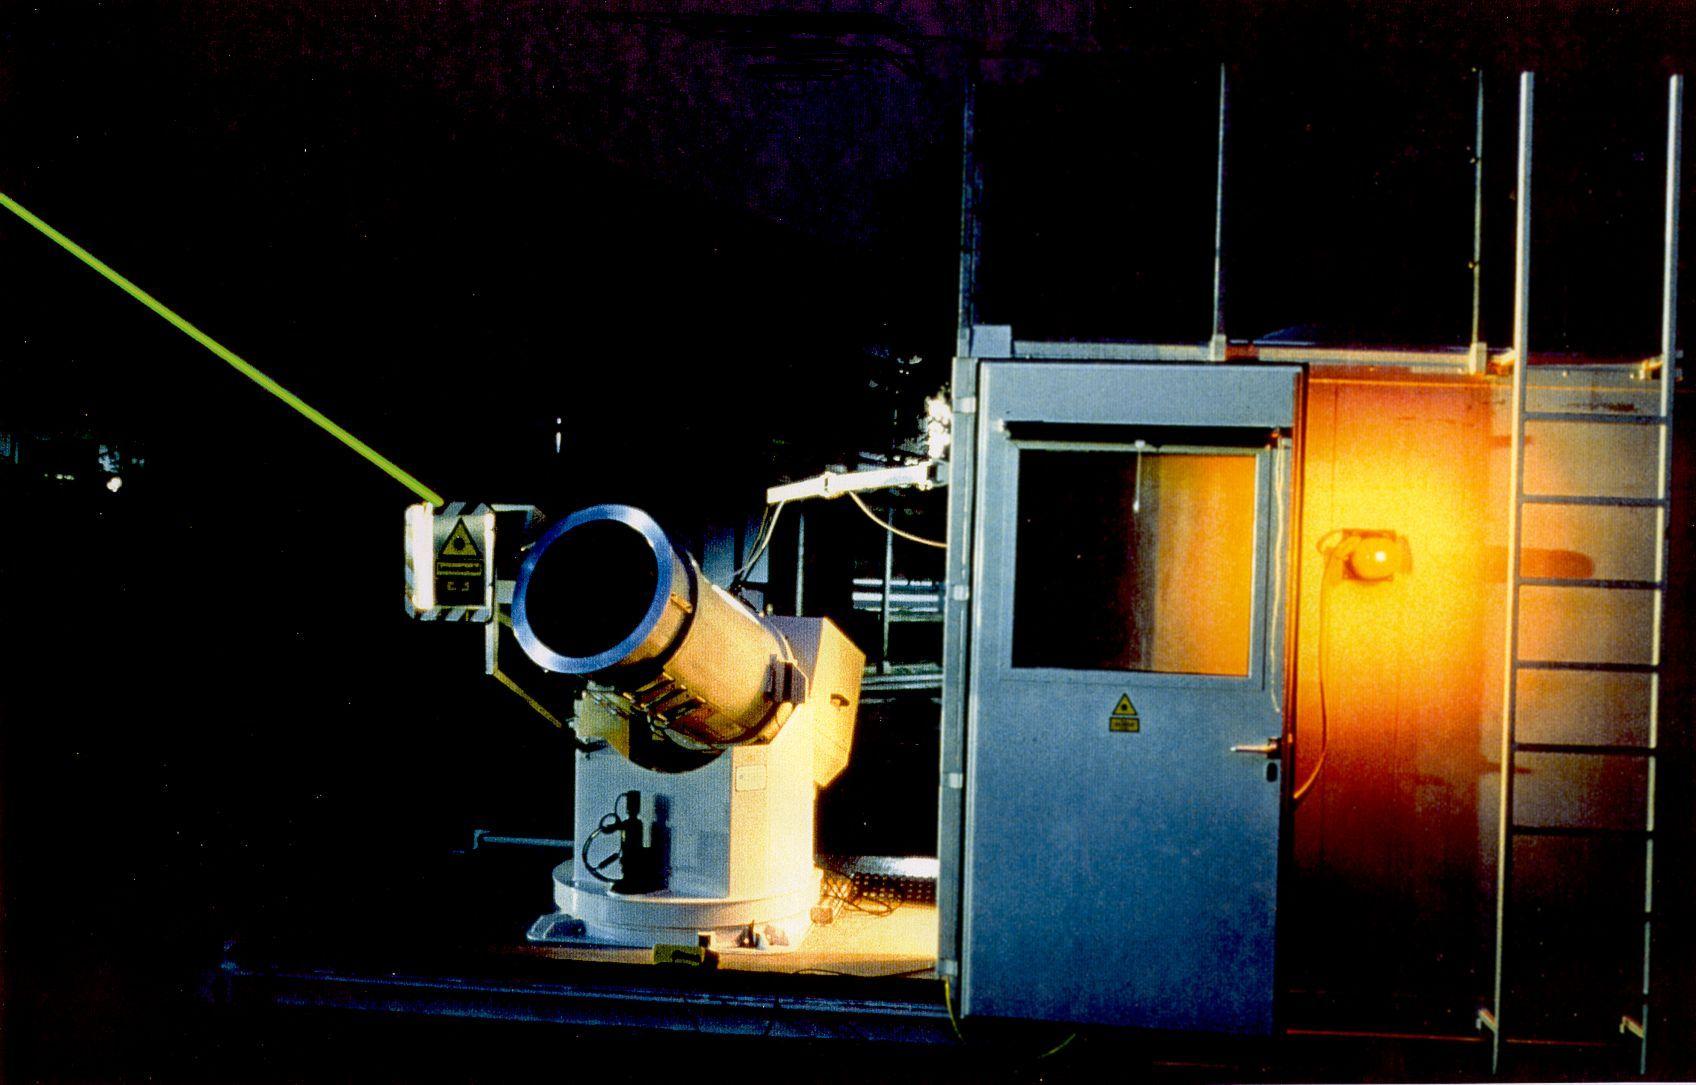 Mit Laser-Radar-Messungen (Lidar) untersuchen die Wissenschaftler in Garmisch-Partenkirchen die Auswirkungen vulkanischer Partikel. Diese können zu einer überraschend deutlichen Absenkungen der Temperaturen auf der Erde führen.